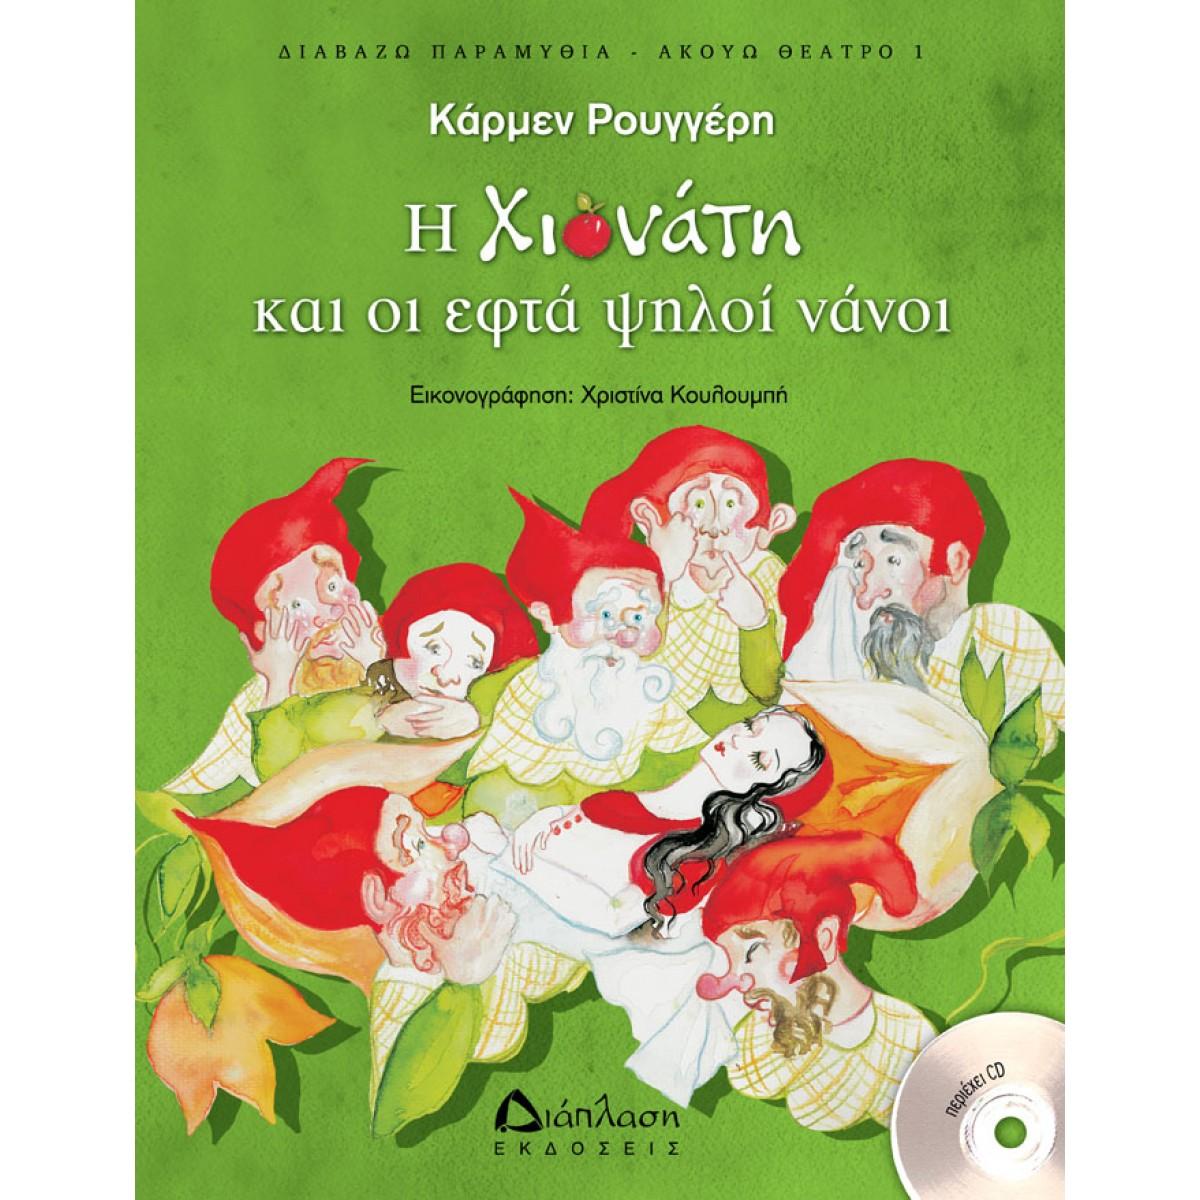 Η ΧΙΟΝΑΤΗ ΚΑΙ ΟΙ ΕΦΤΑ ΨΗΛΟΙ ΝΑΝΟΙ + CD Παιδικά Βιβλία